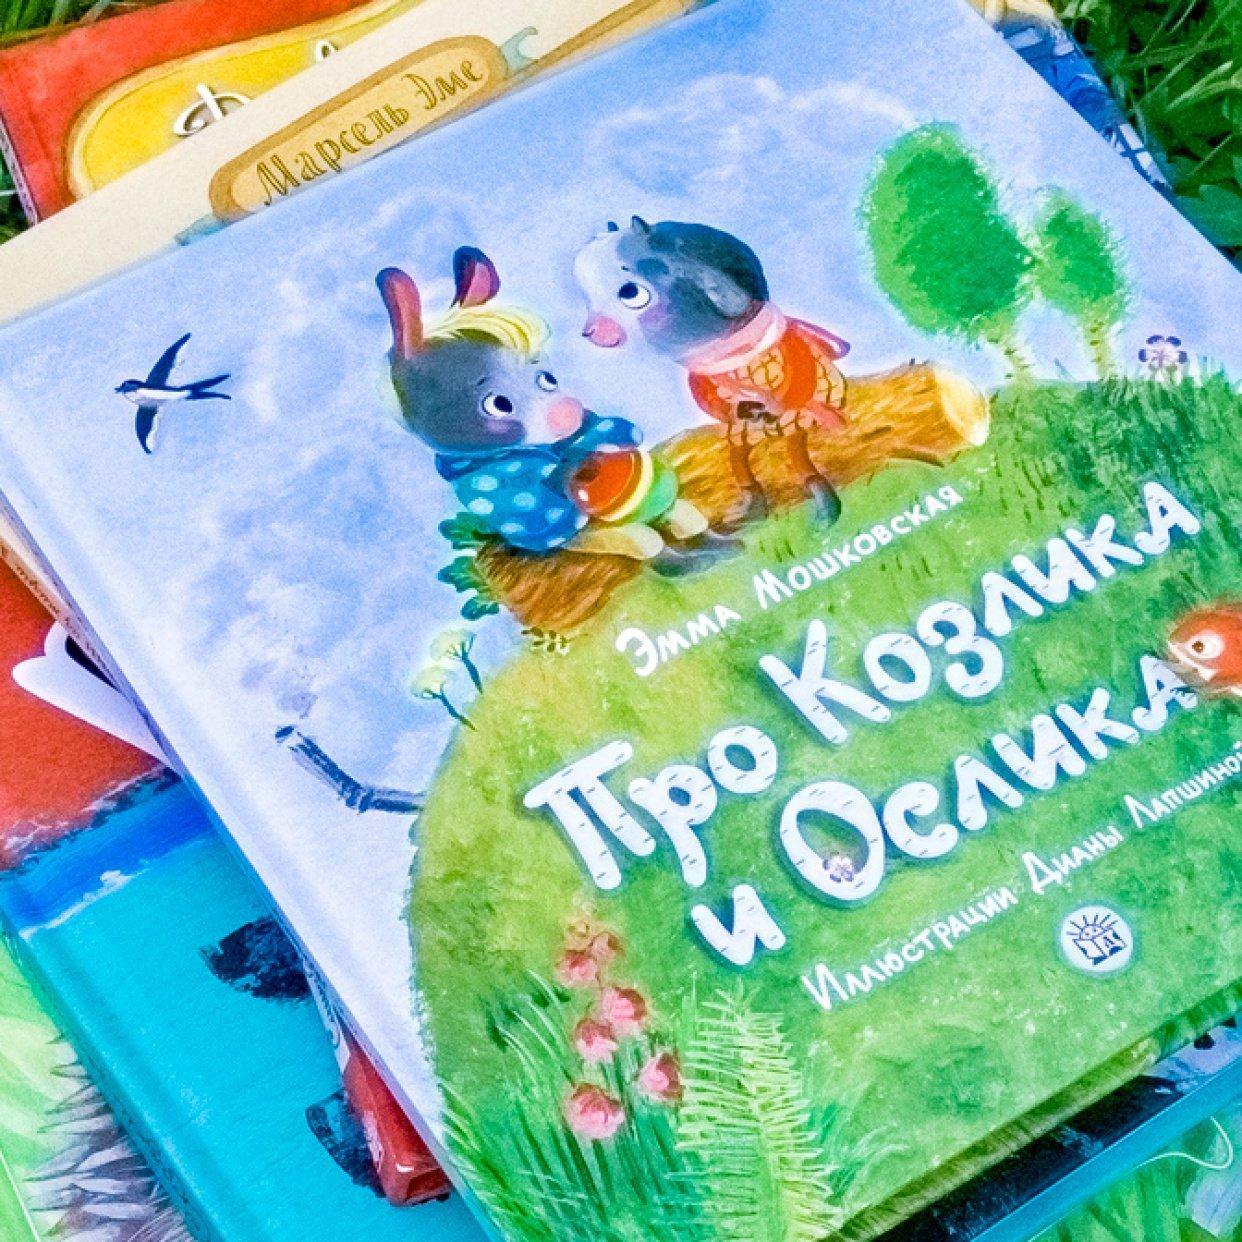 Ежики и фоксики, козлики и ослики. Детские книги с героями-животными